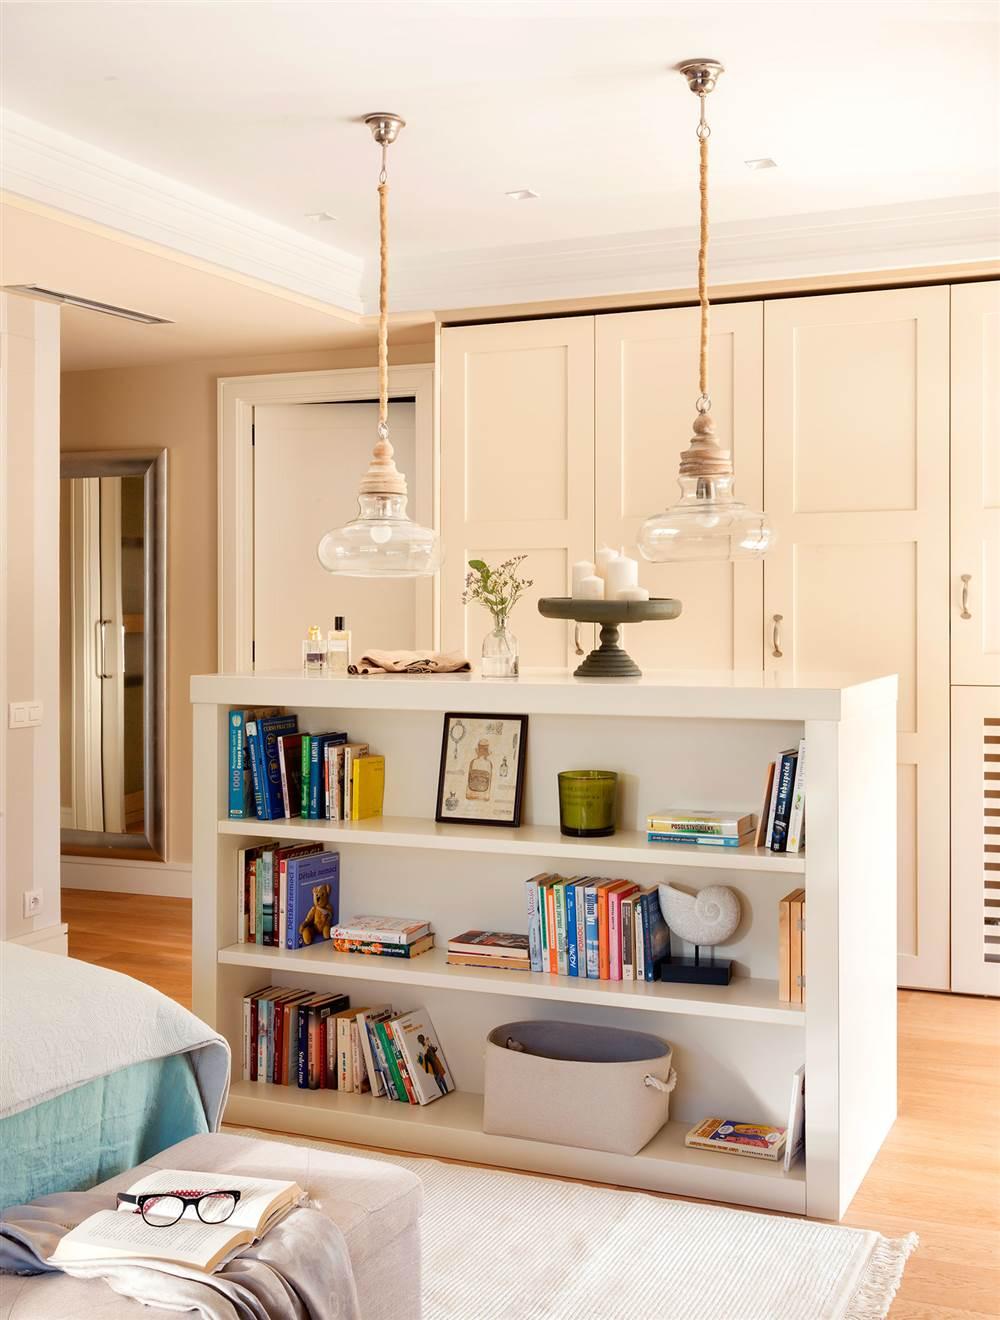 10 Librerias Practicas Y Decorativas Para Toda La Casa - Estanterias-para-dormitorios